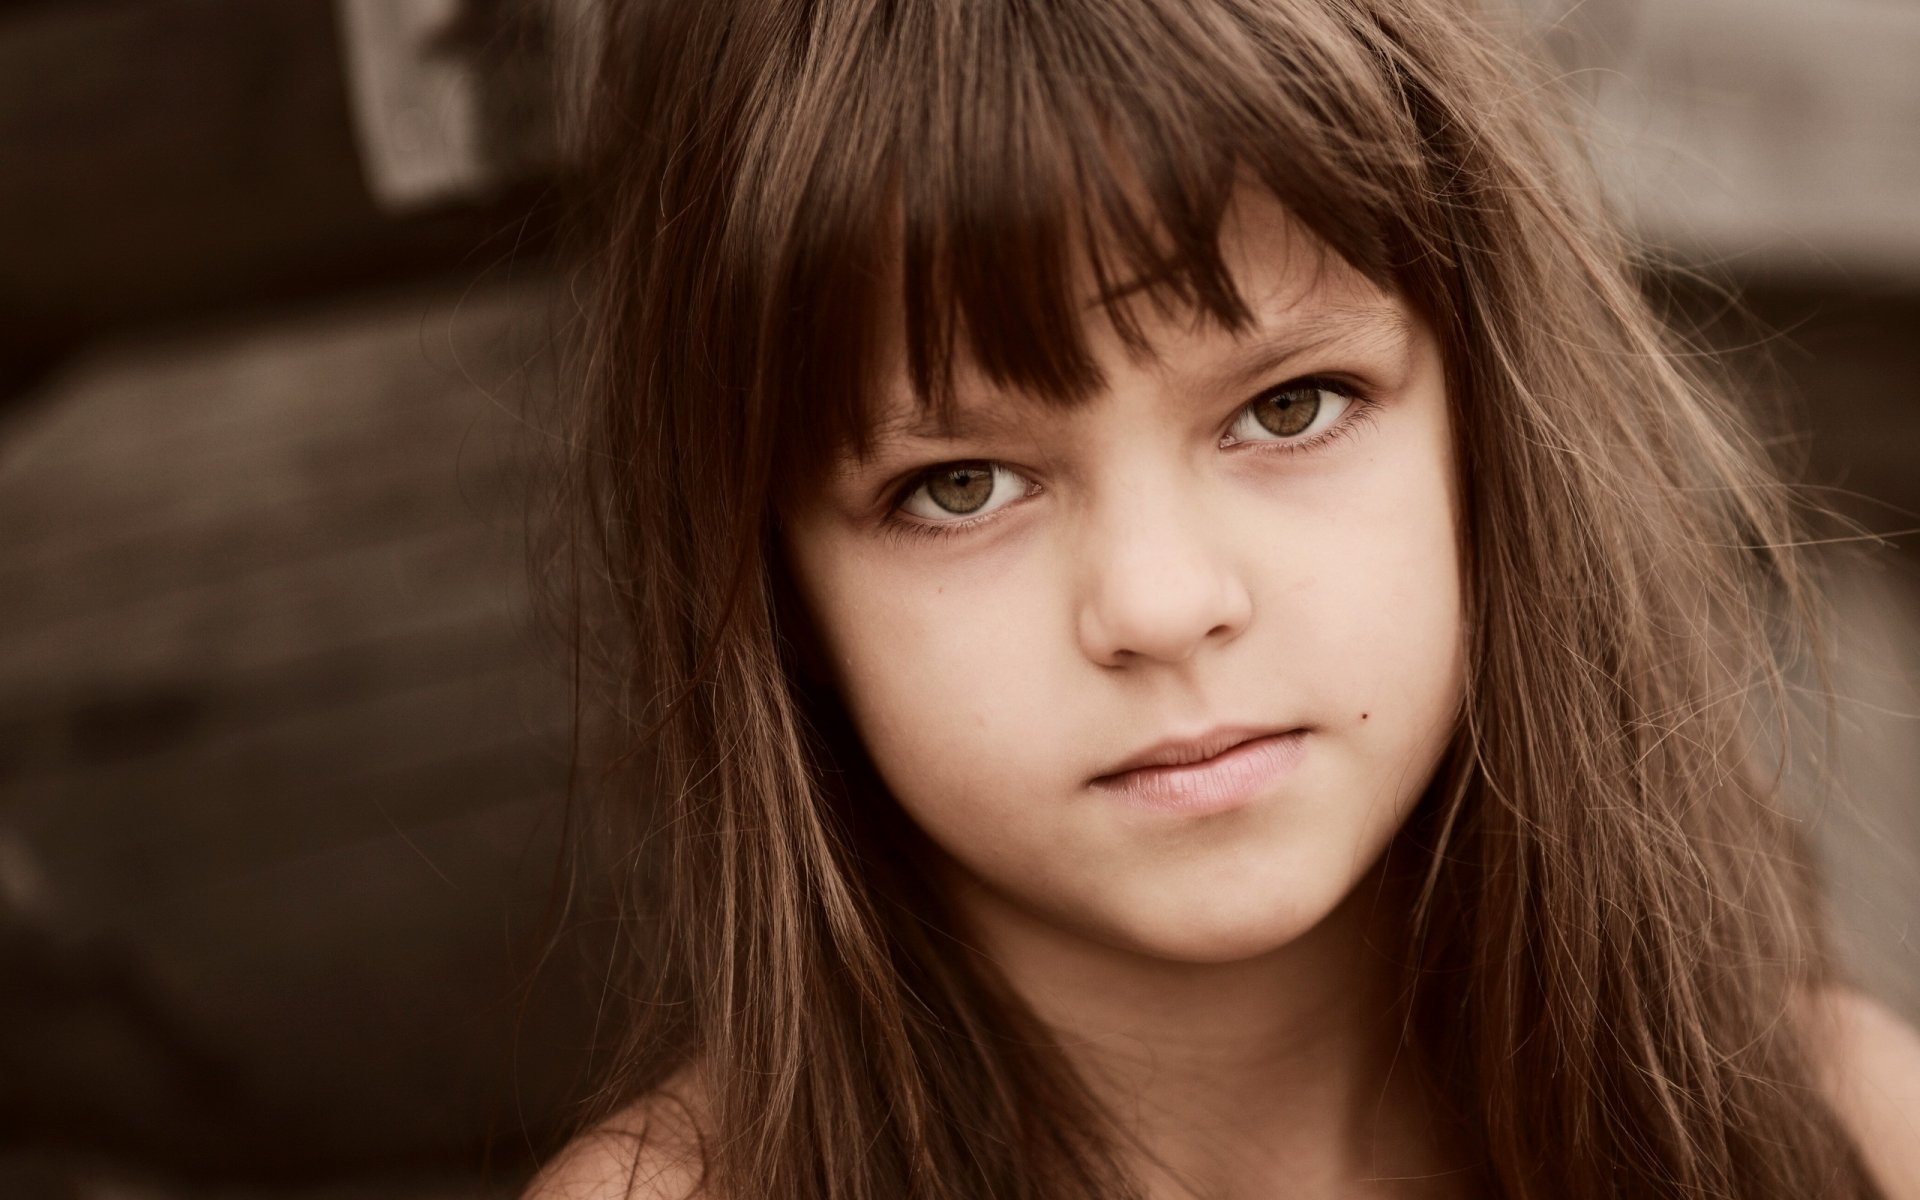 Кареглазая девочка маленькая картинки